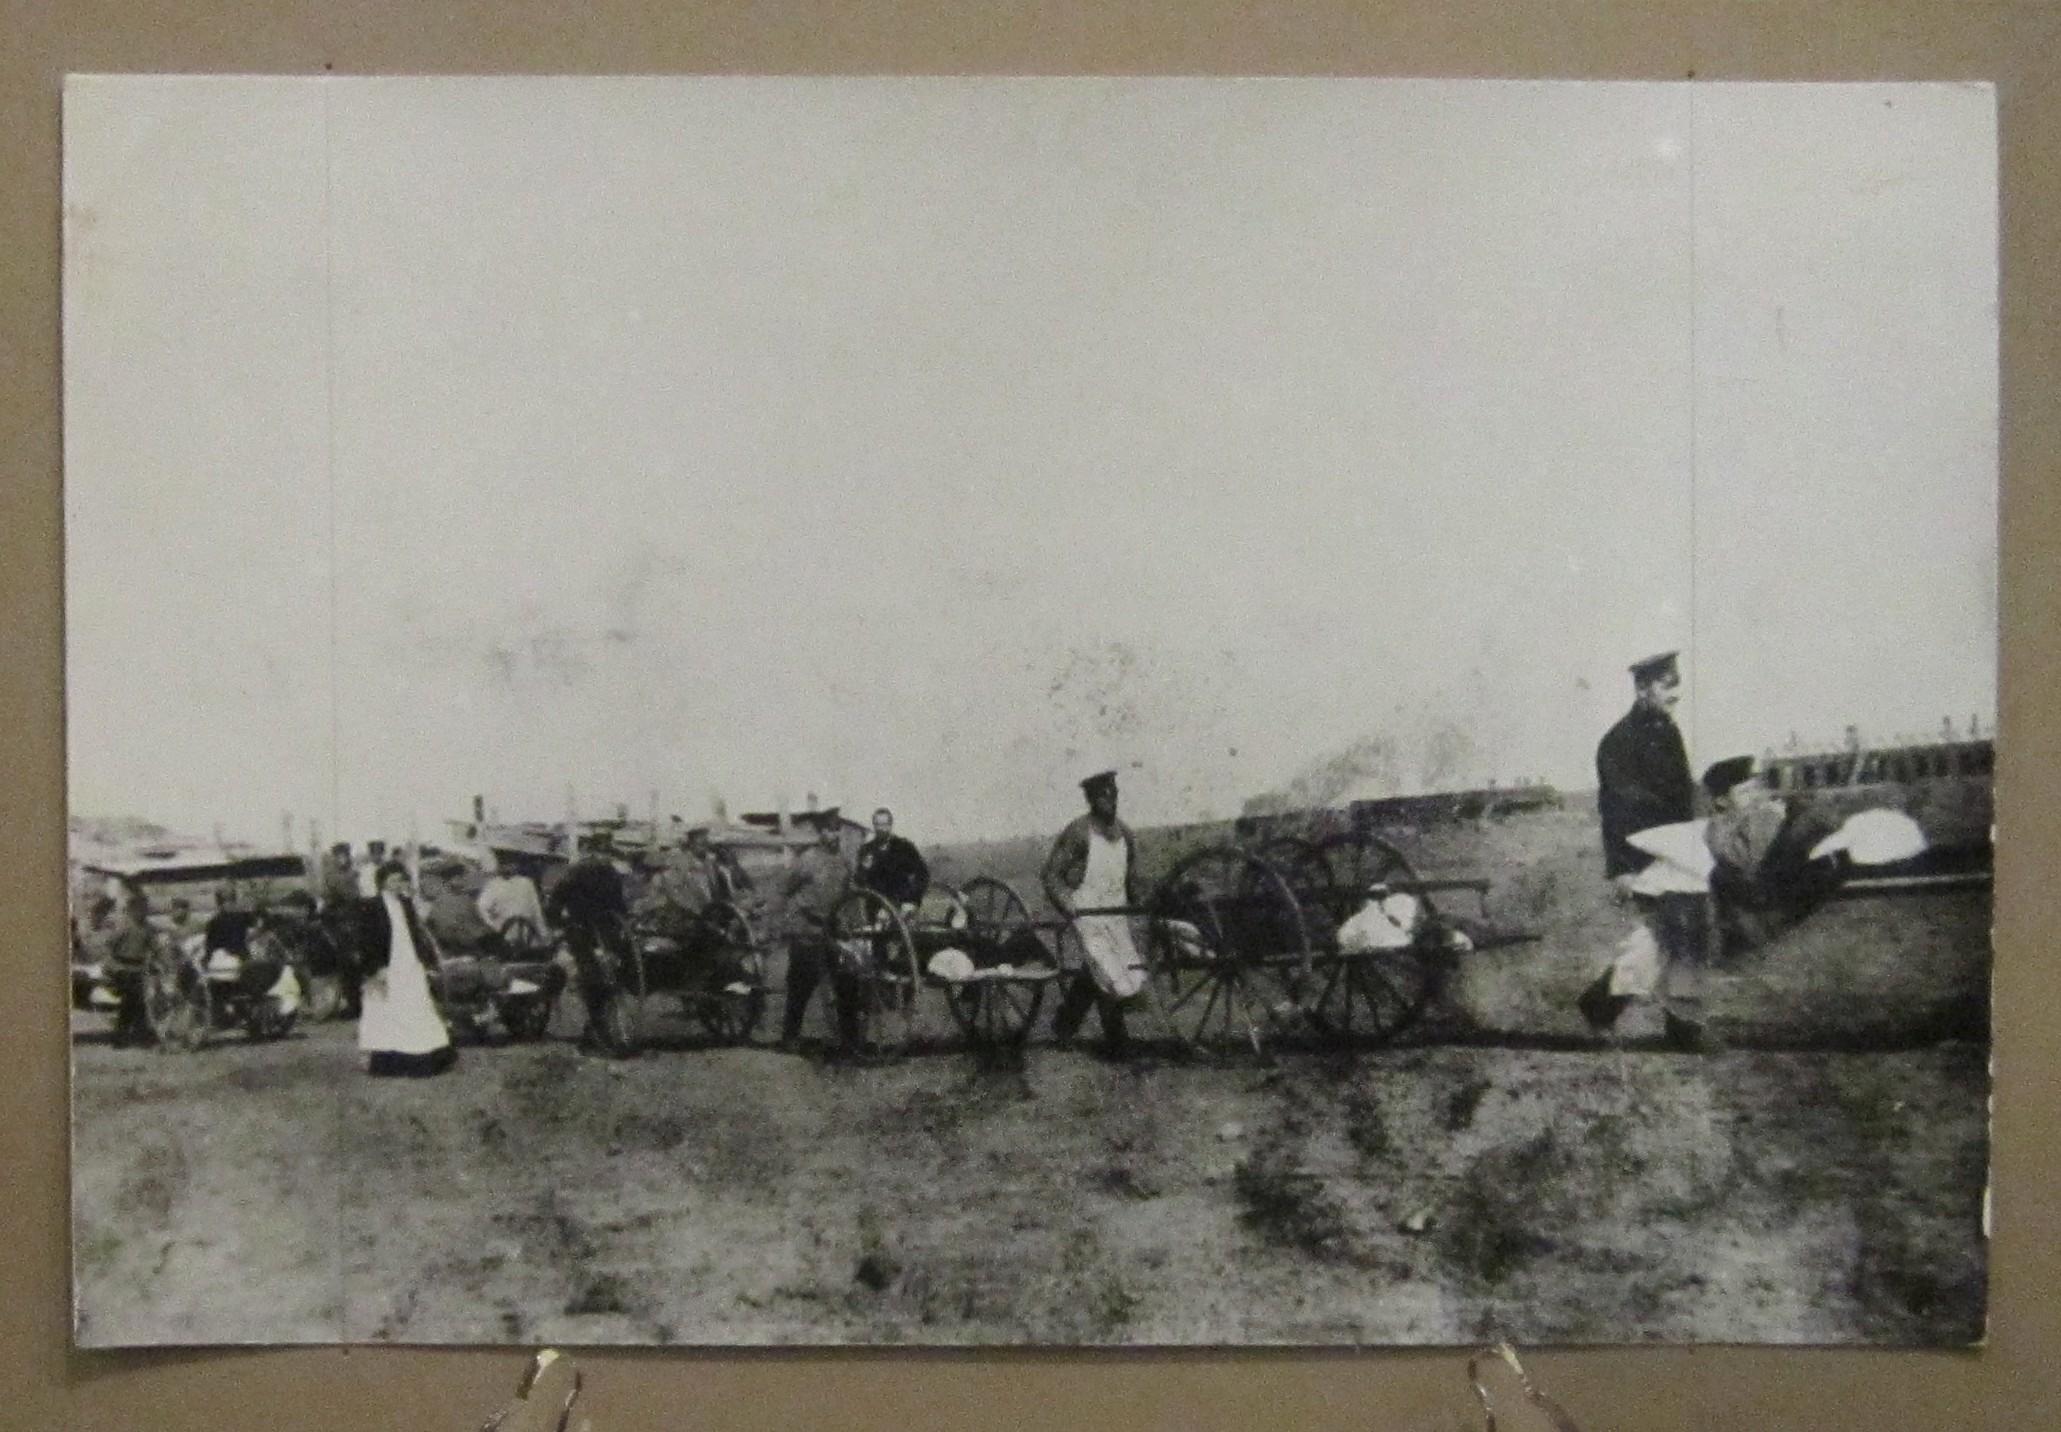 Вывоз раненых с боевых позиций. Фото 1915 года.